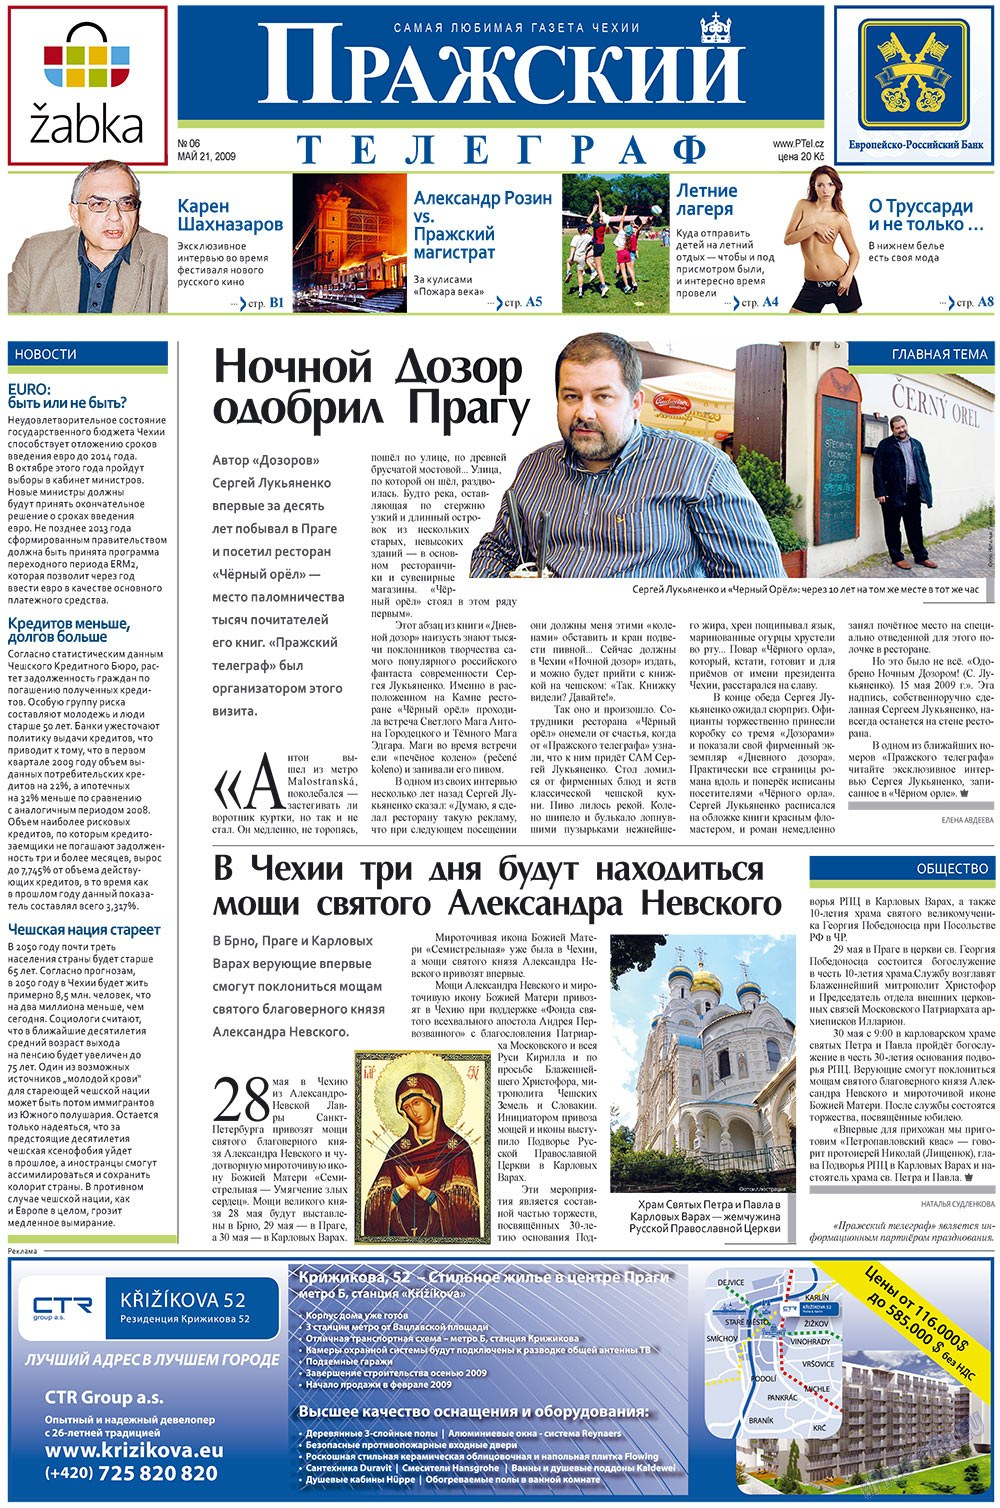 Пражский телеграф (газета). 2009 год, номер 6, стр. 1